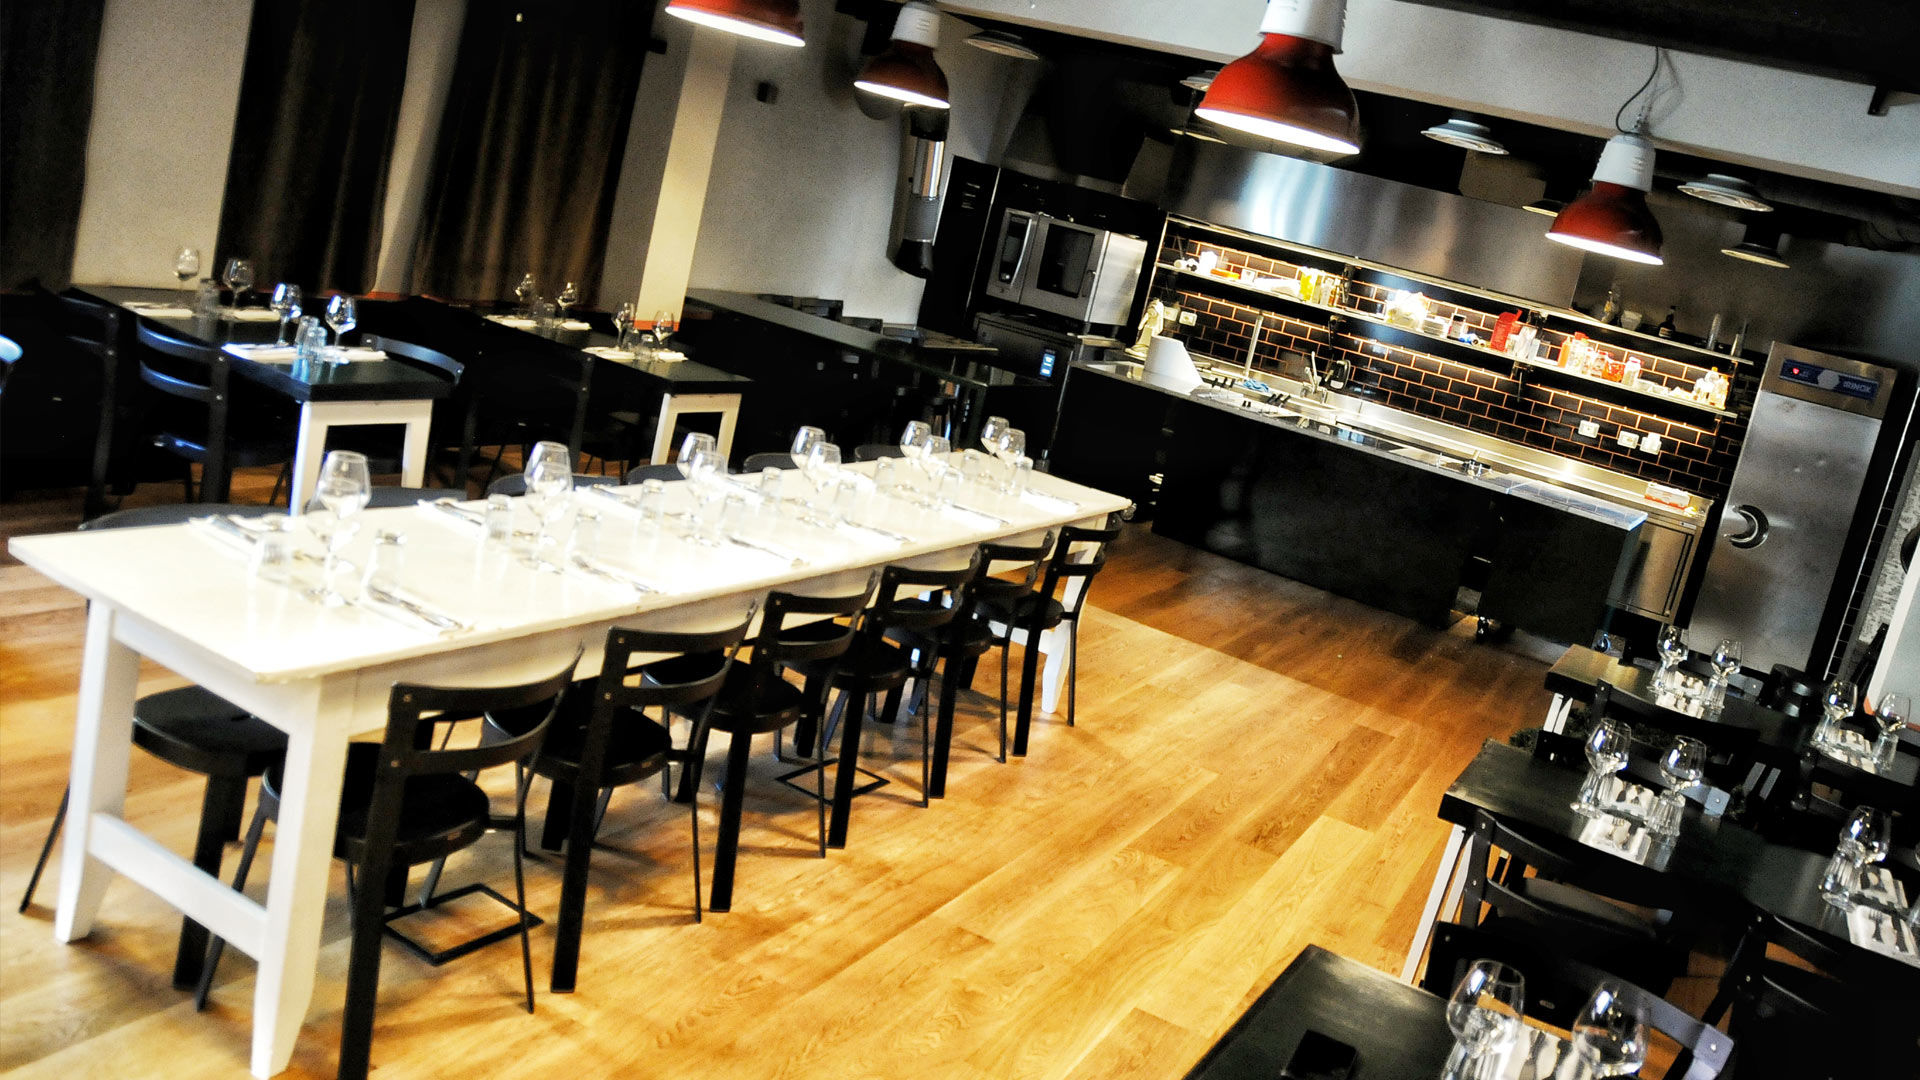 Il miglior locale per la tua festa di laurea a roma casa fluviale - Organizzare cucina ristorante ...